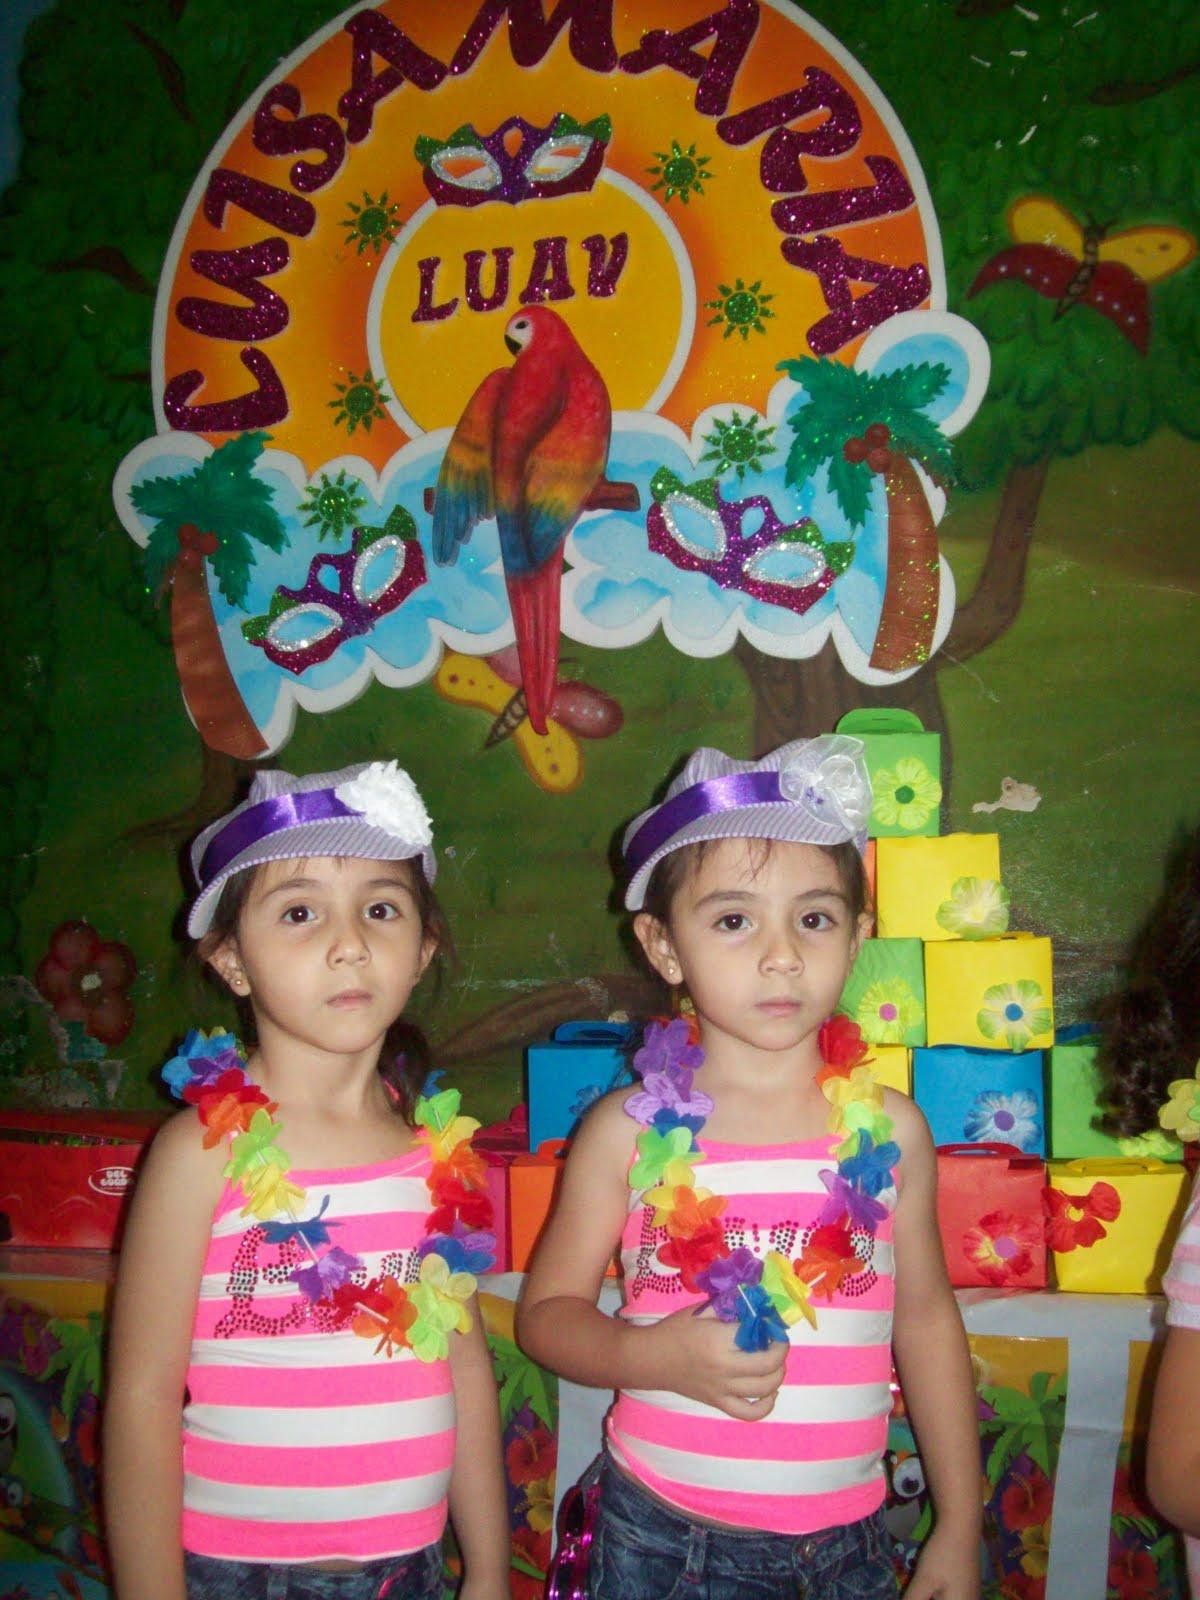 FIESTA HAWAIANA - LUAU | Fiestas infantiles Medellin, decoracion ...